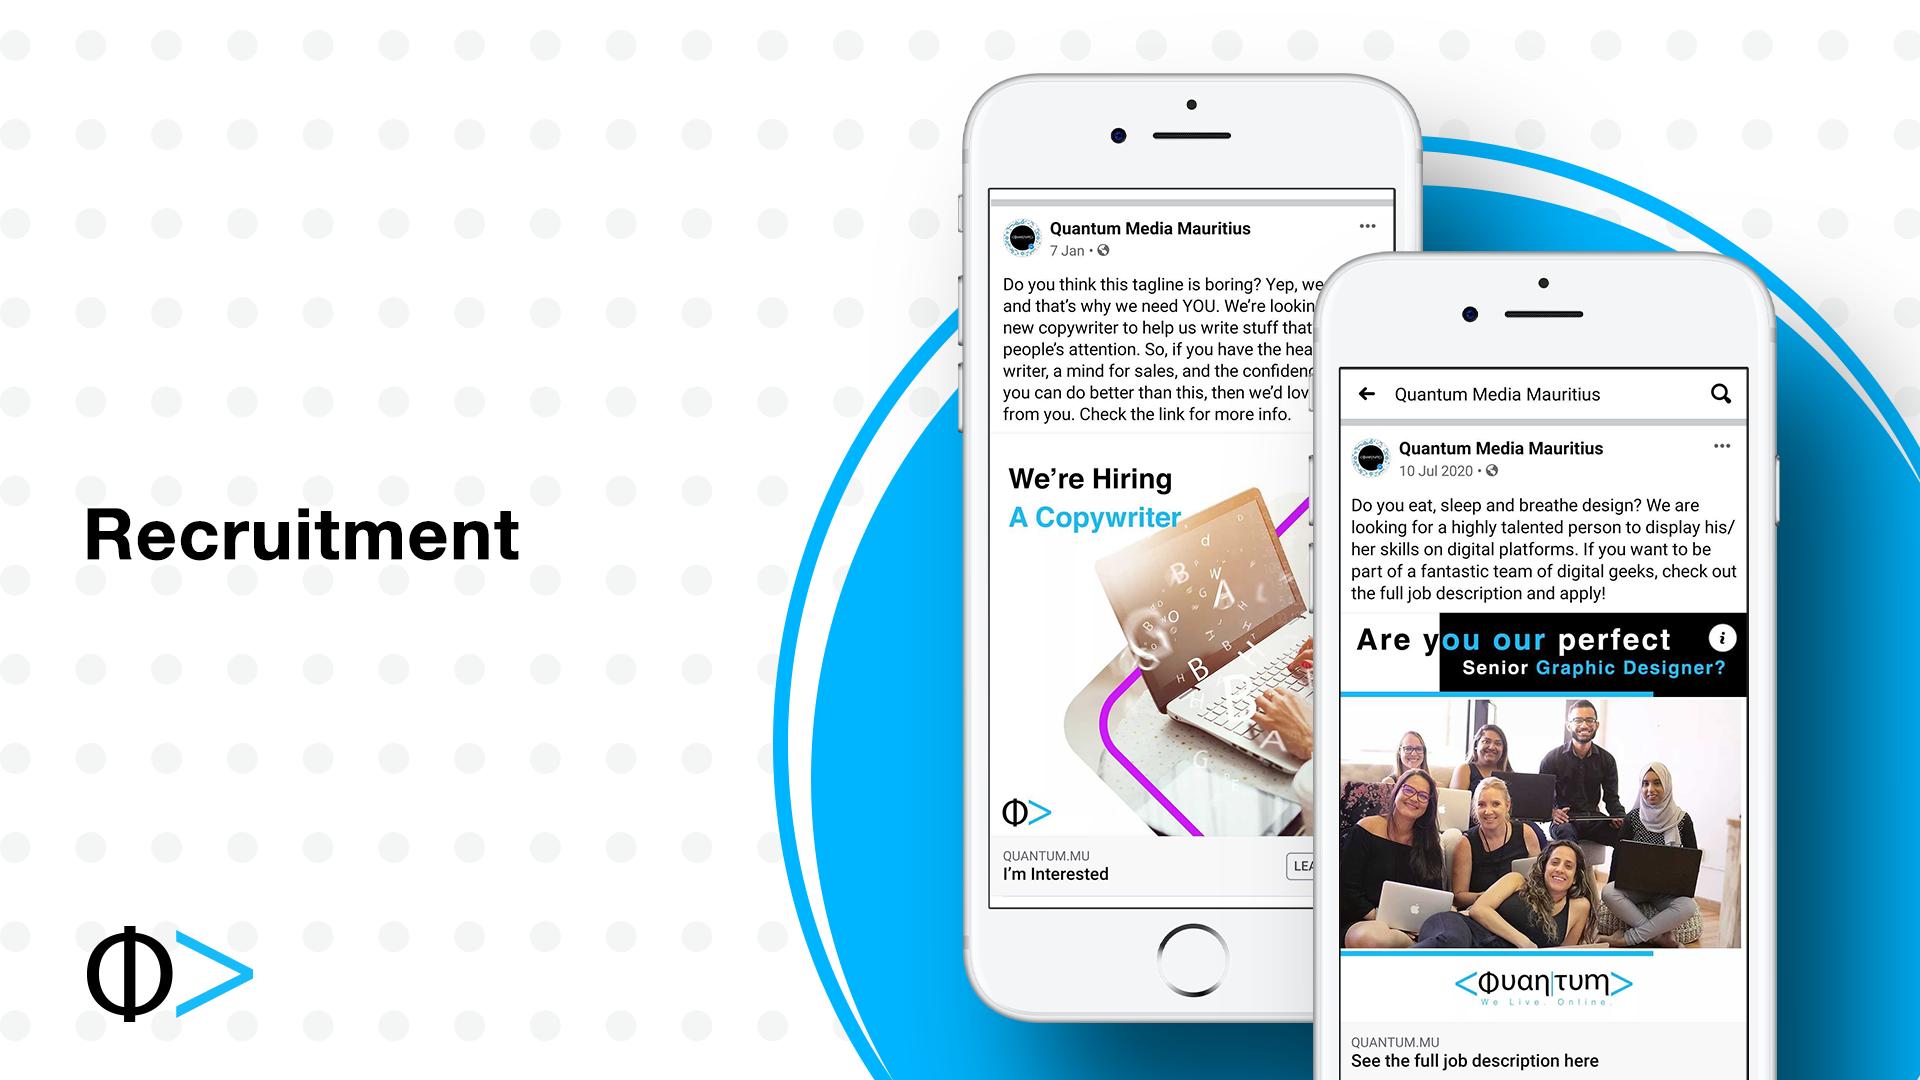 3_Recruitment_Blog_template.png